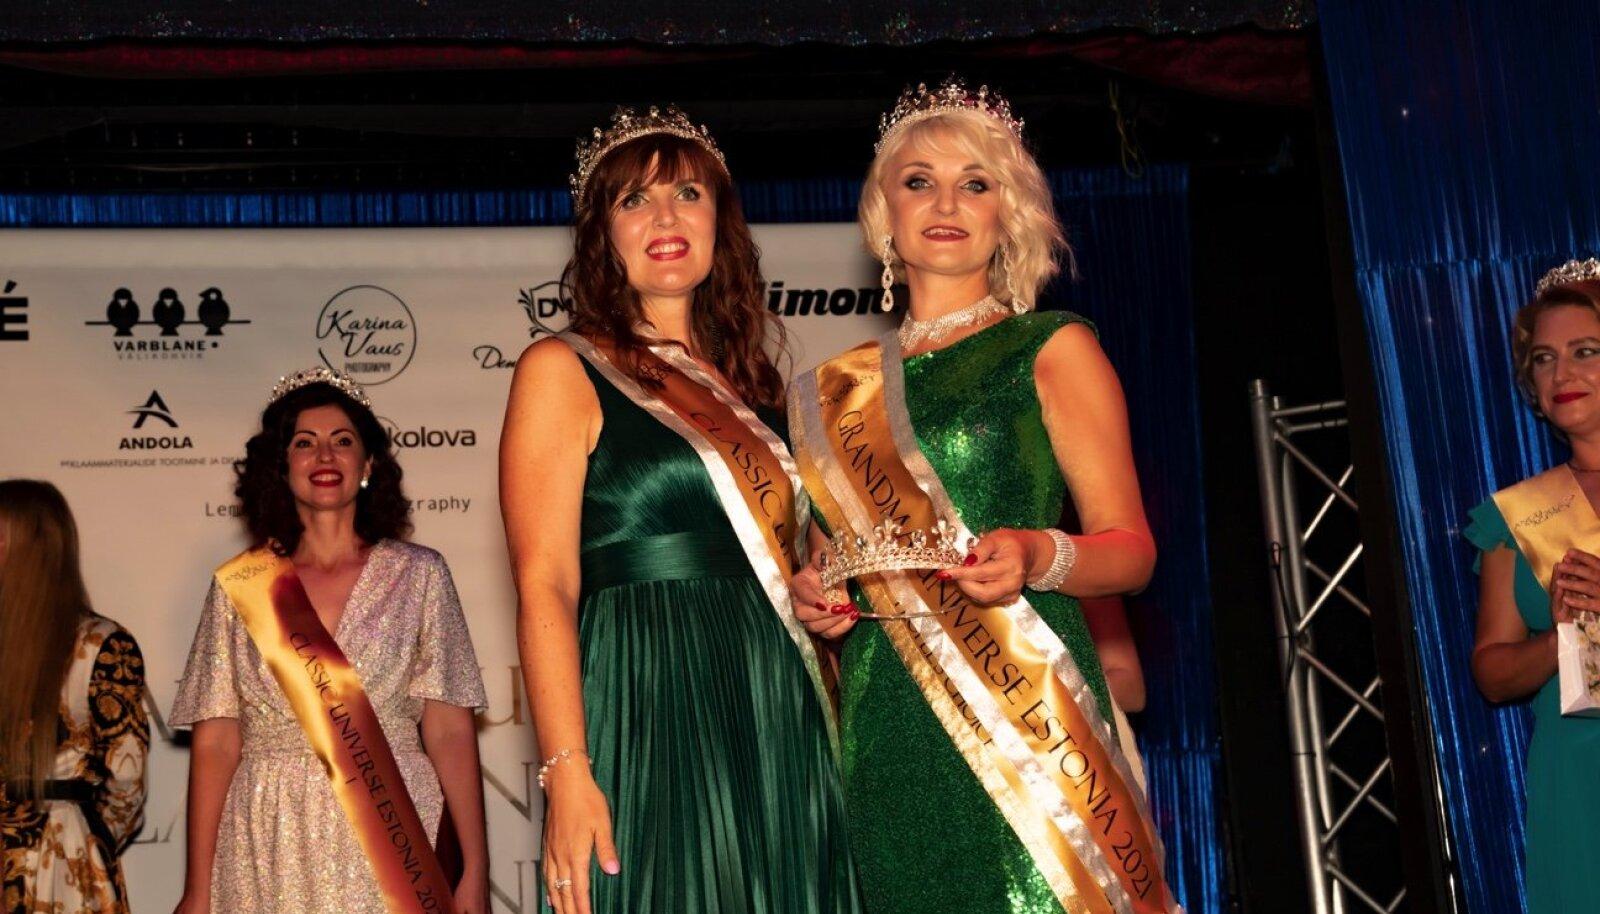 Первая красавица 45+ - Classic Universe Estonia 2021 - Ольга Нигровская и самая красивая бабушка Эстонии - Grandma Universe Estonia 2021 - Наталья Фишер